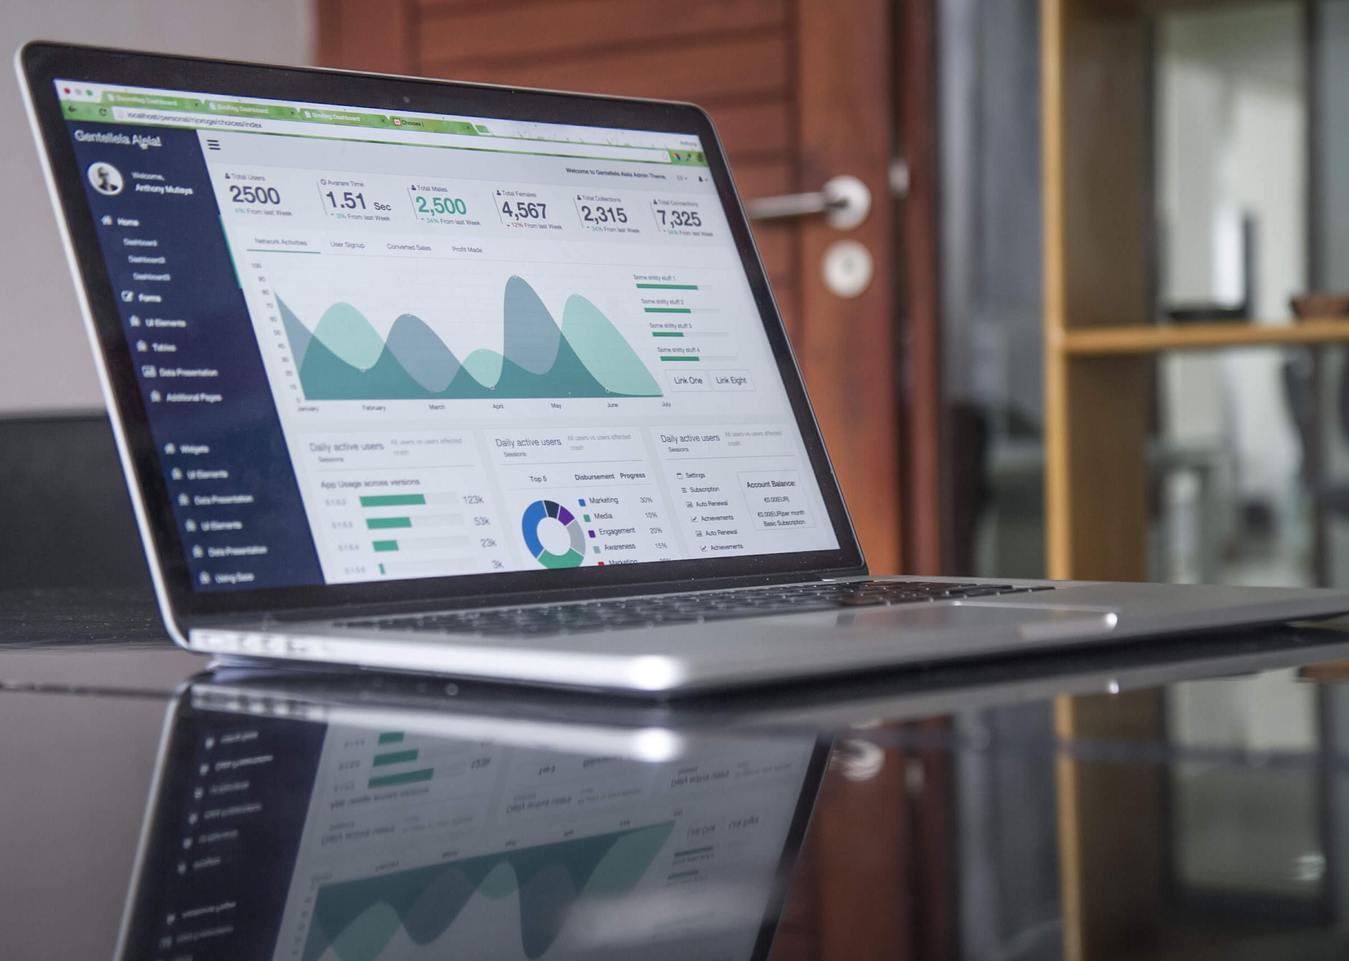 gráficos de otimização na tela do notebook